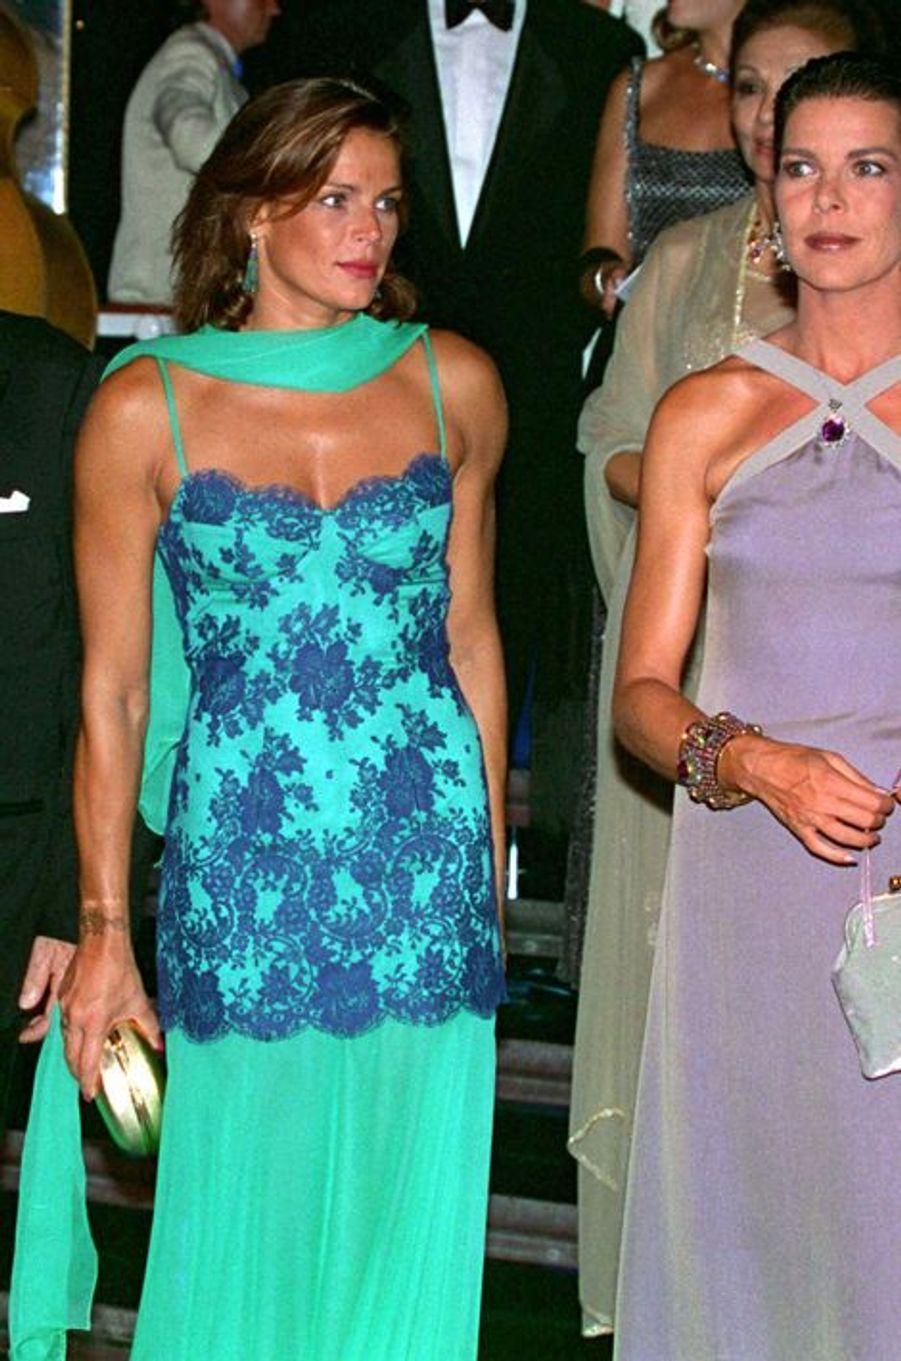 La princesse Stéphanie de Monaco le 9 août 1997, avec la princesse Caroline